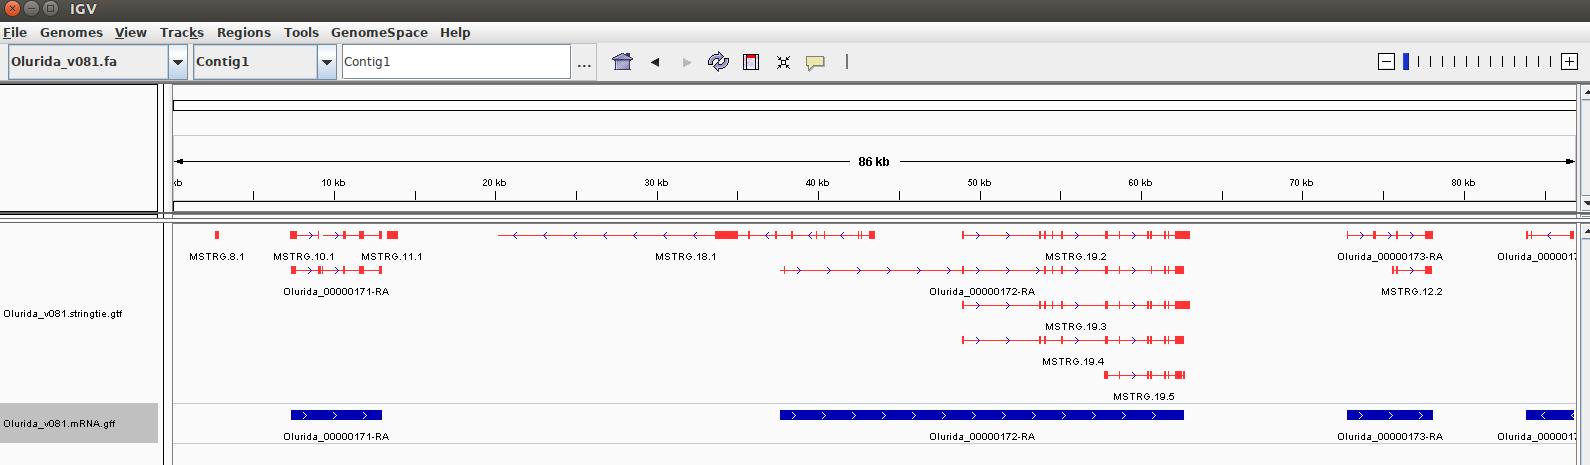 IGV screencap showing Strintie isoforms